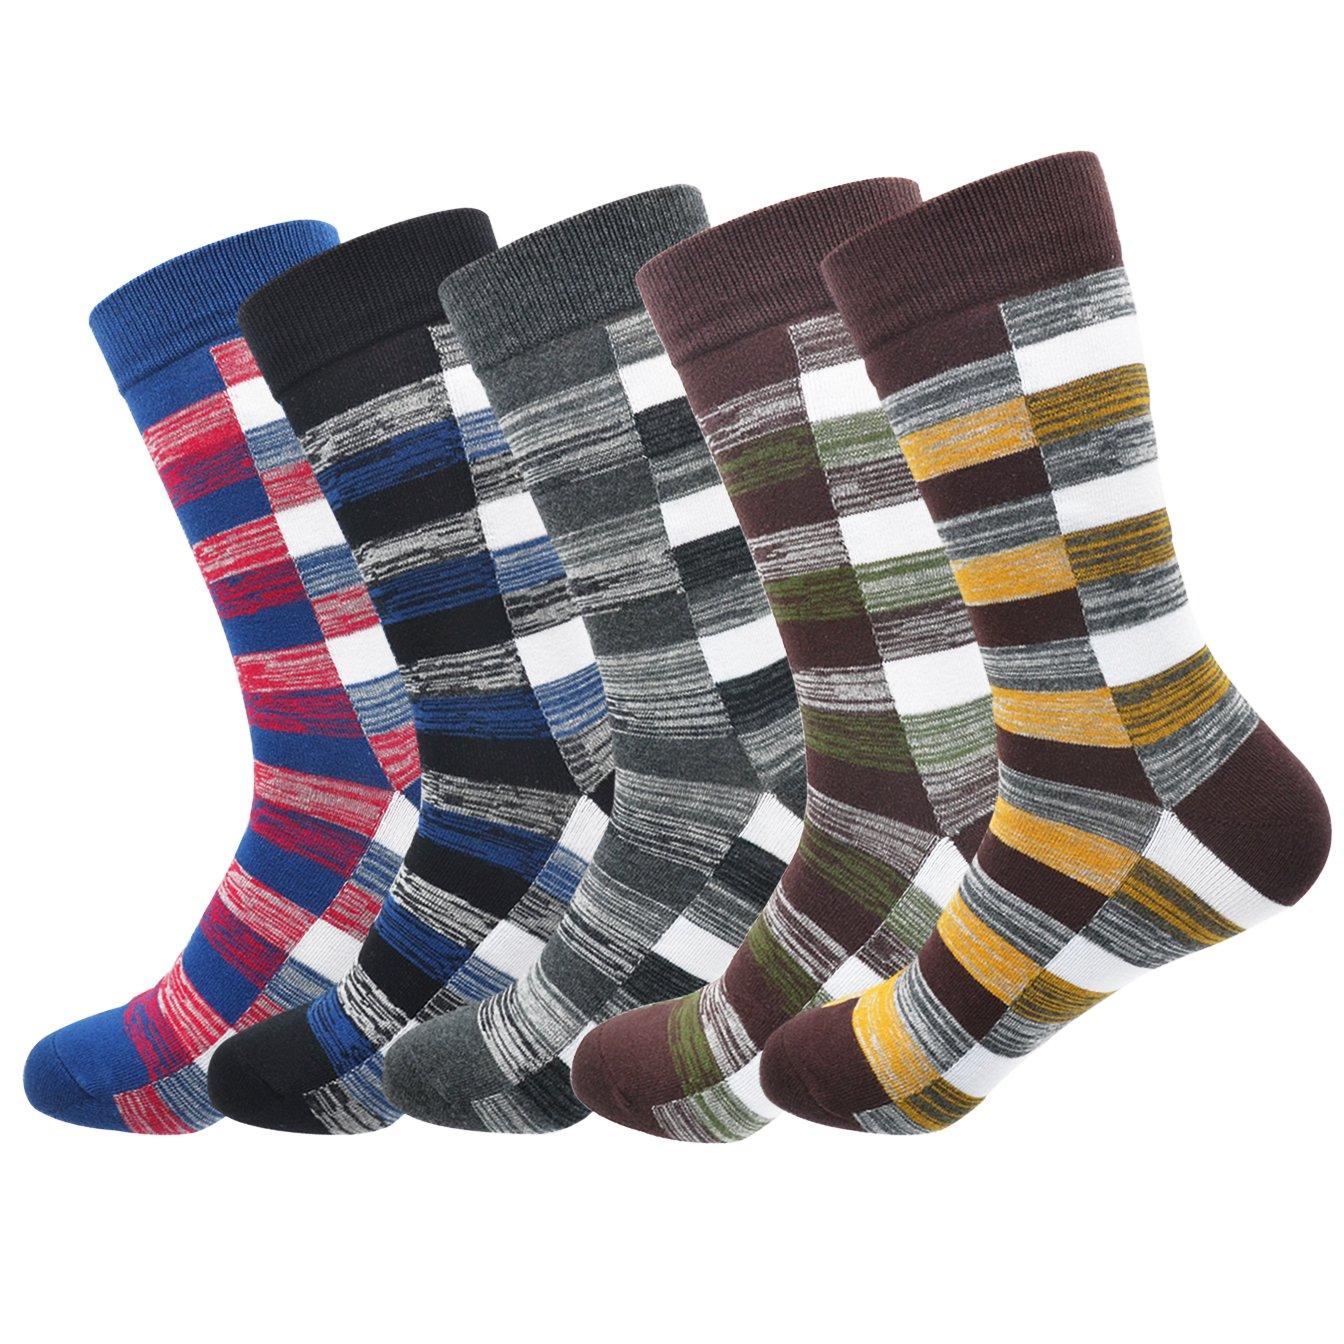 Morecoo Men's Cotton Striped Dress Socks Colorful Trouser Dress Socks For Men(5 Pack)